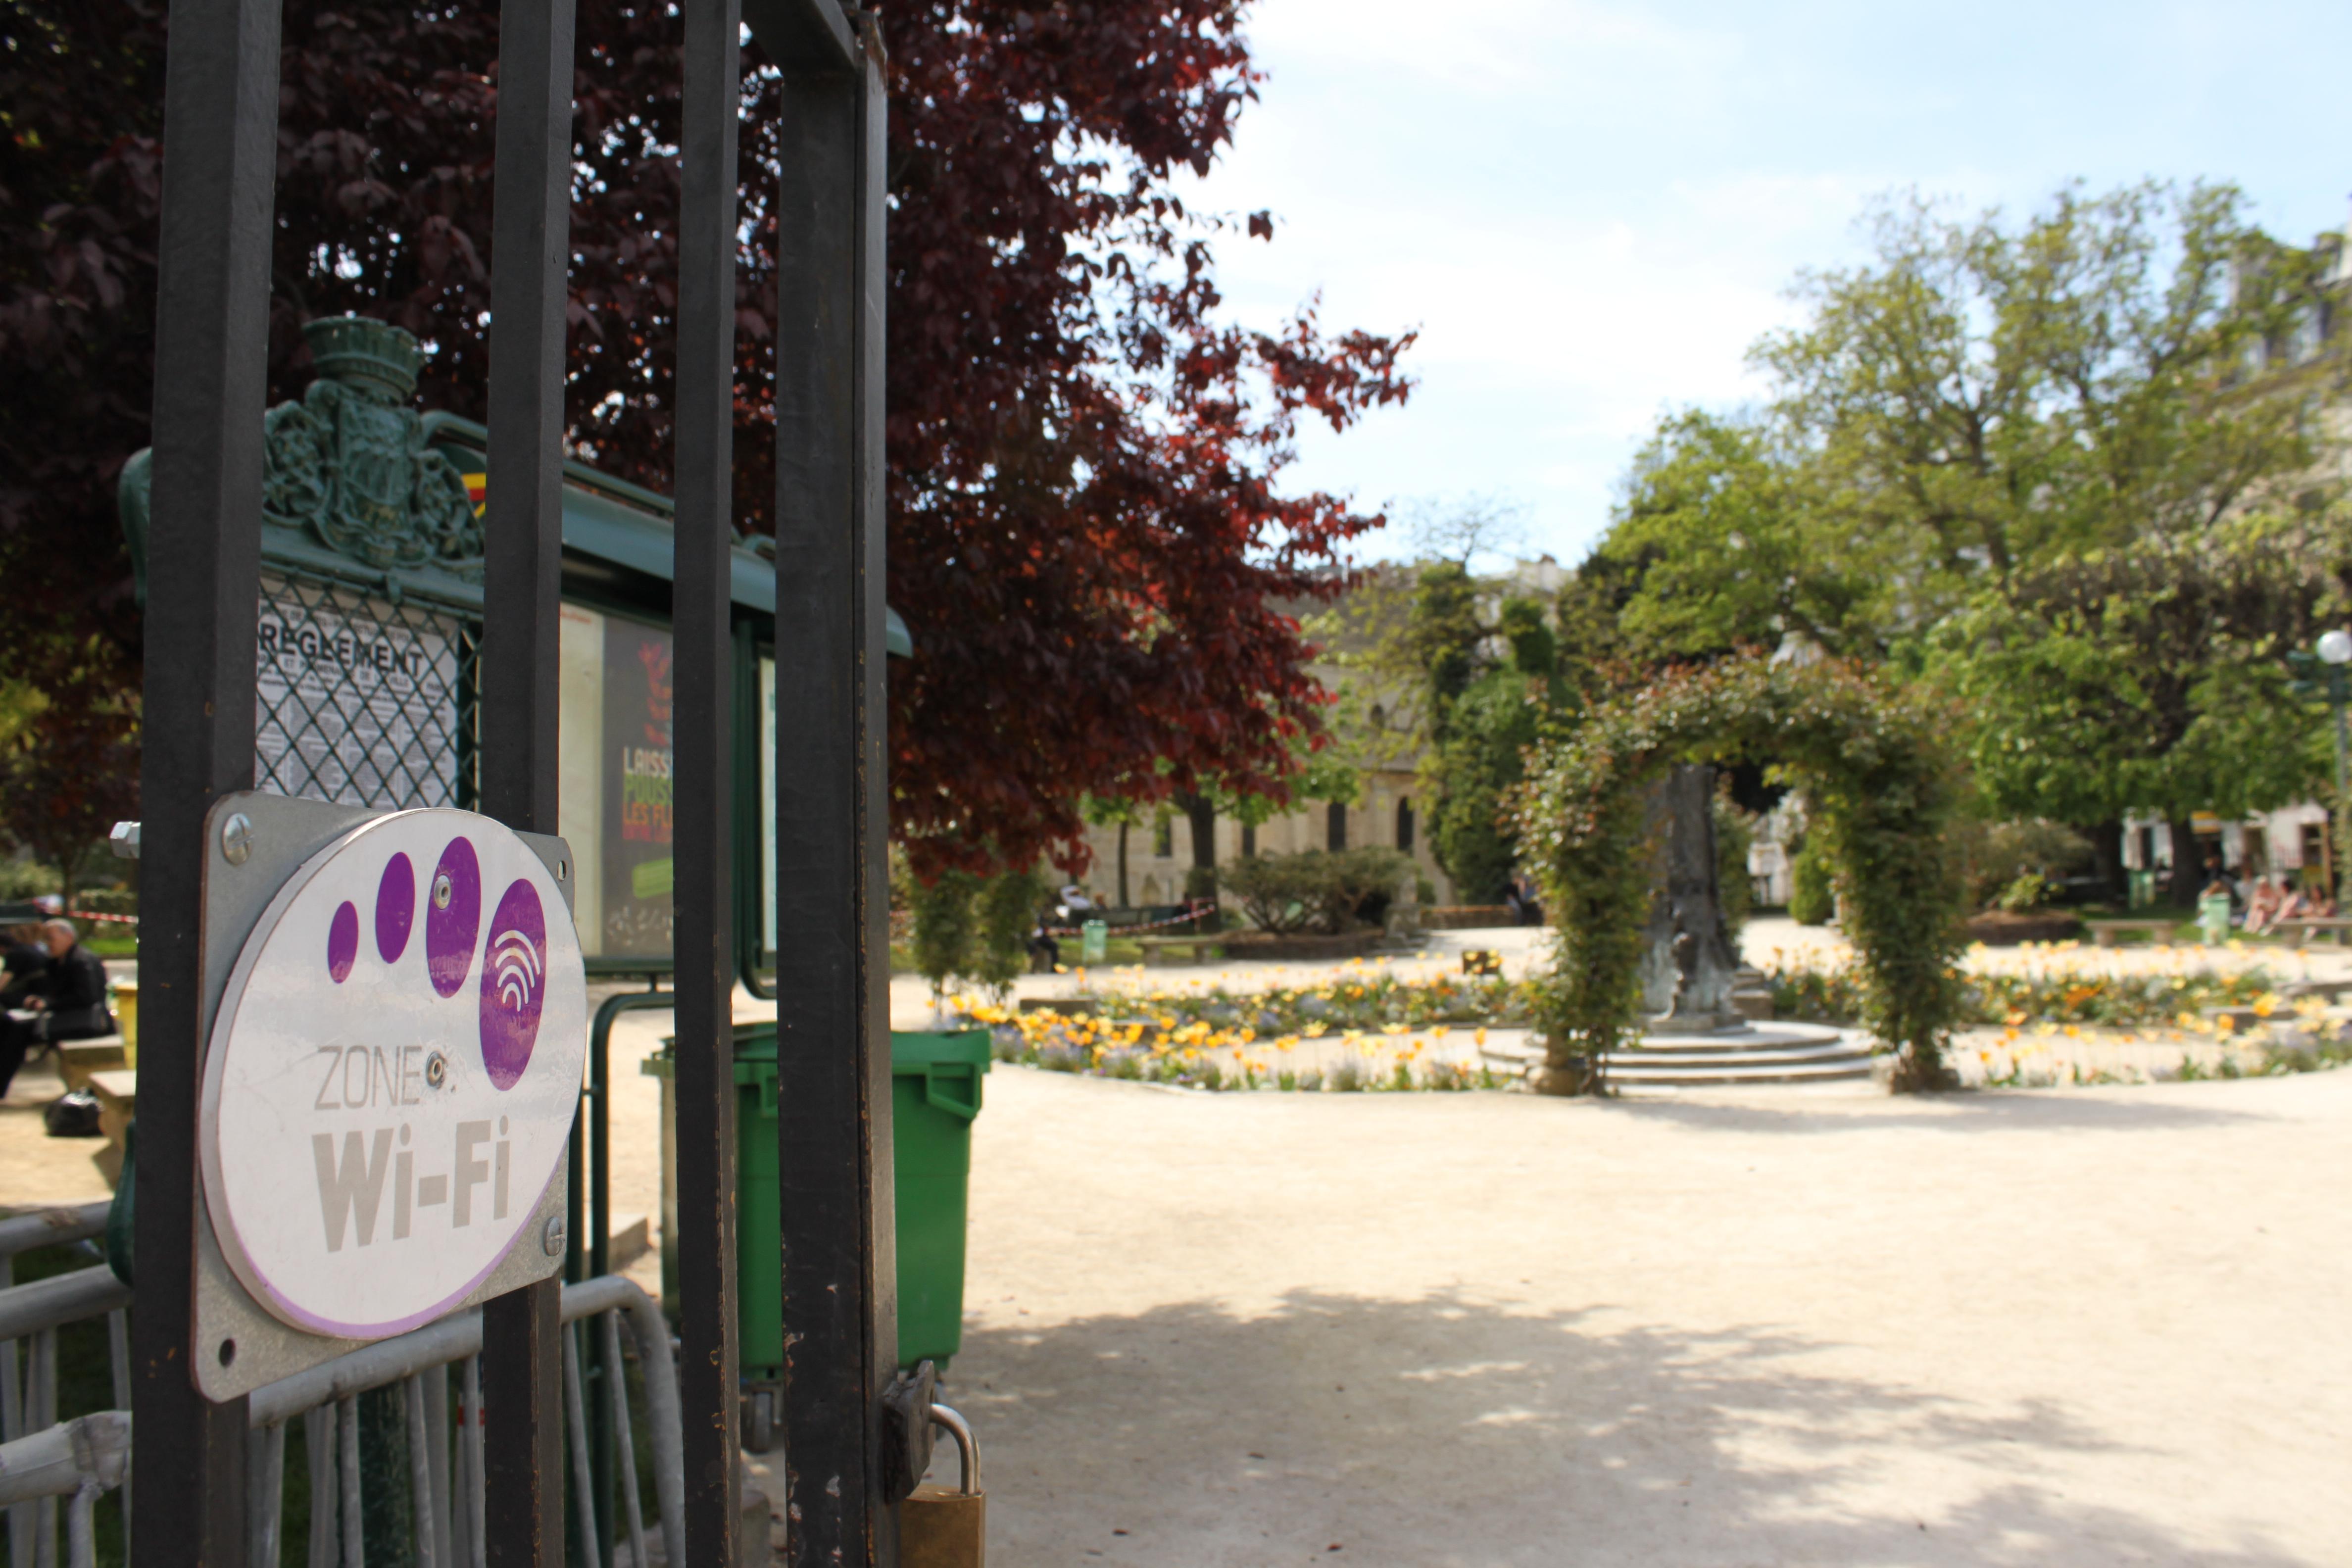 Ֆրանսիան արգելափակում է հասարակական Wi-Fi-ները